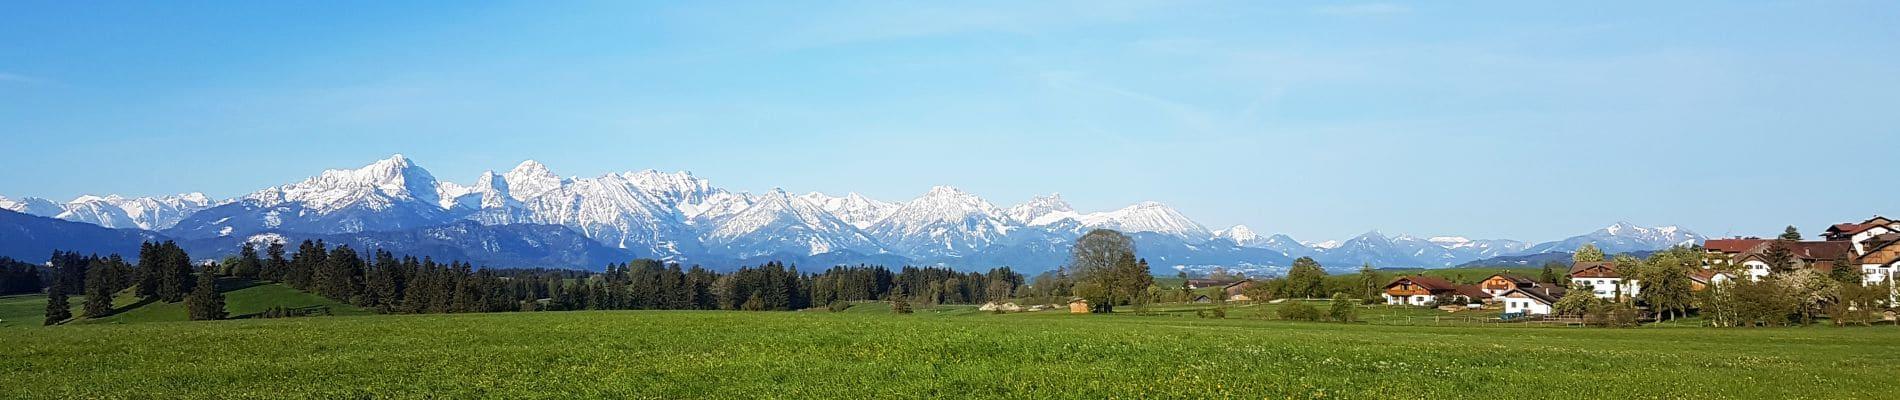 Allgäuer Berge und Wiesn